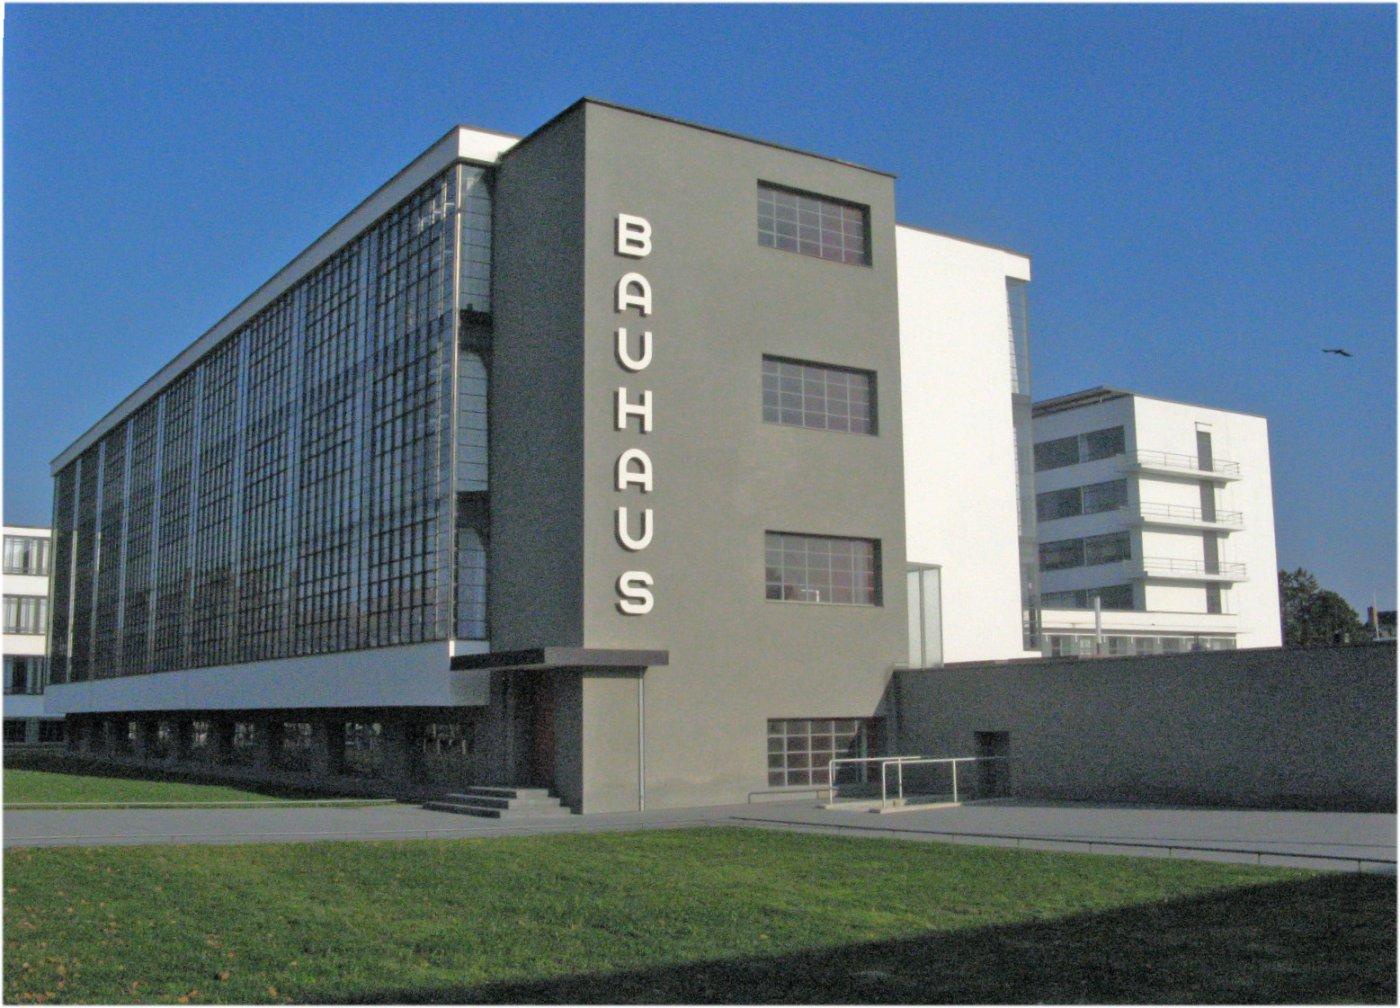 100 jahre bauhaus studienreise architektur zu erleben - Architektur weimar ...